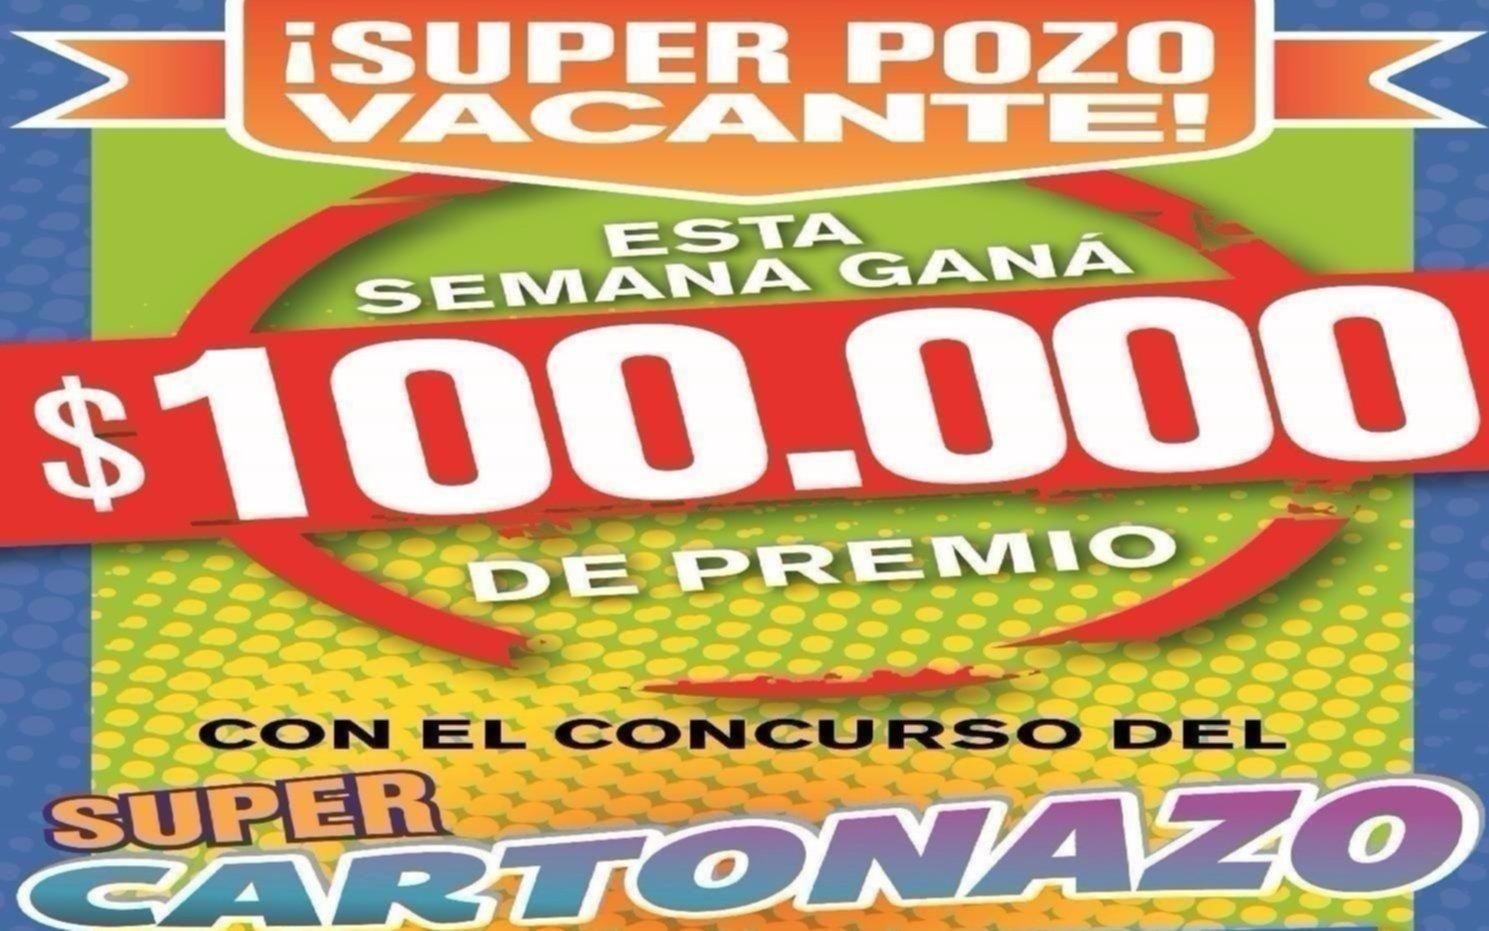 El Cartonazo quedó vacante y se formó un pozo por $100 mil